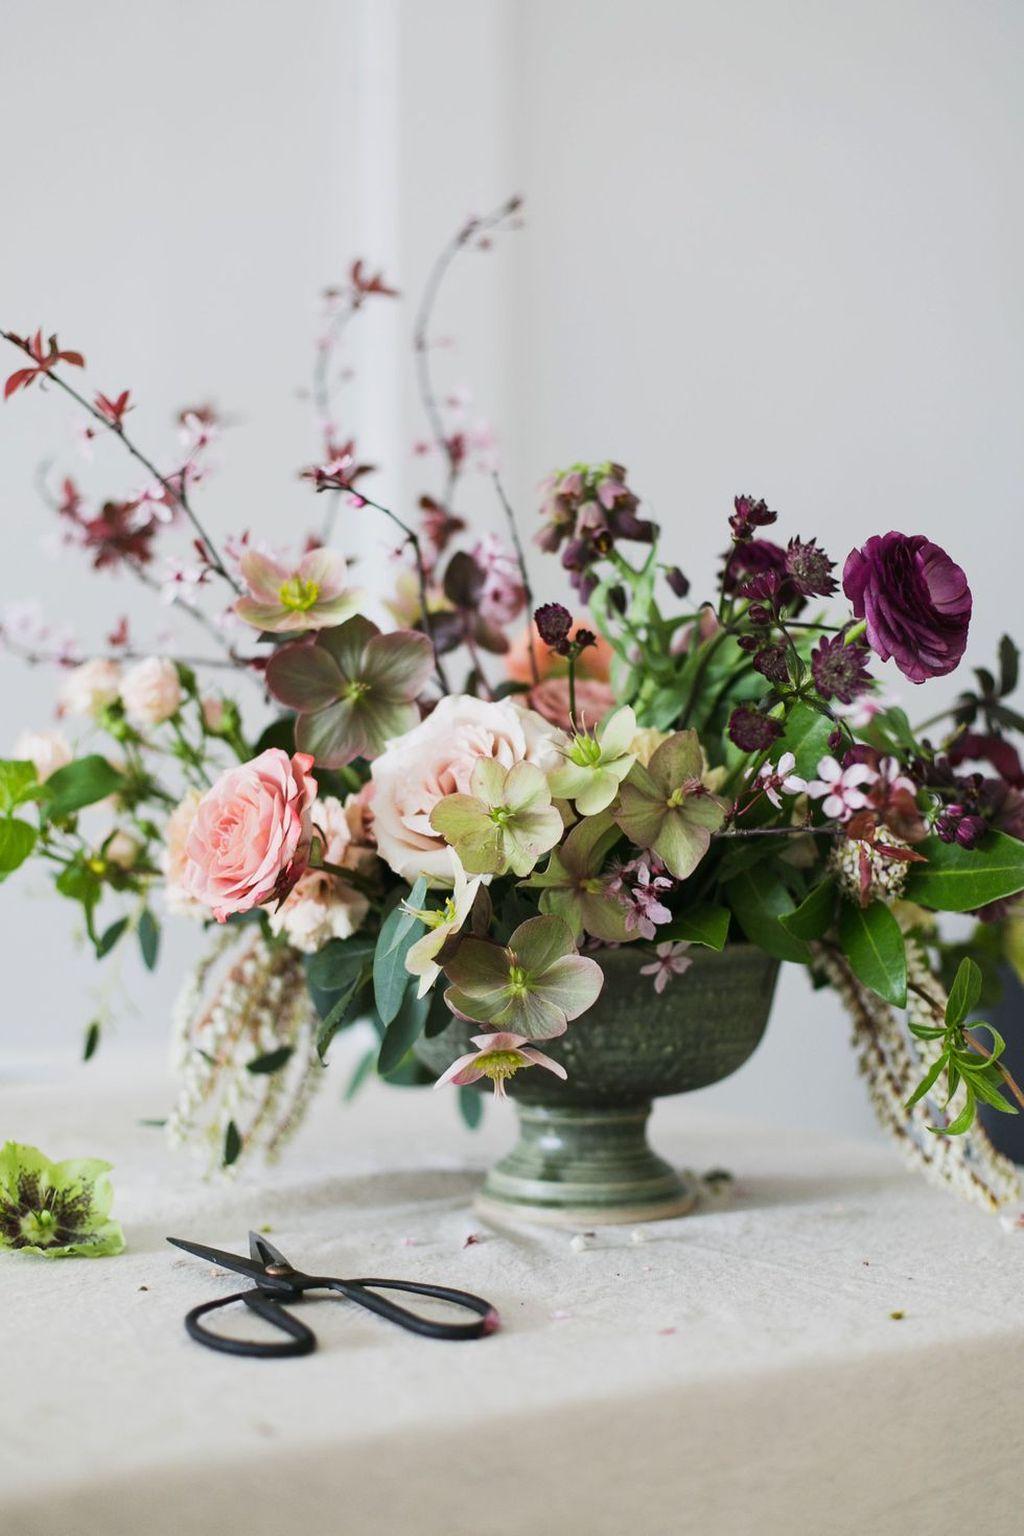 Fabulous Floral Arrangements Design Ideas 15